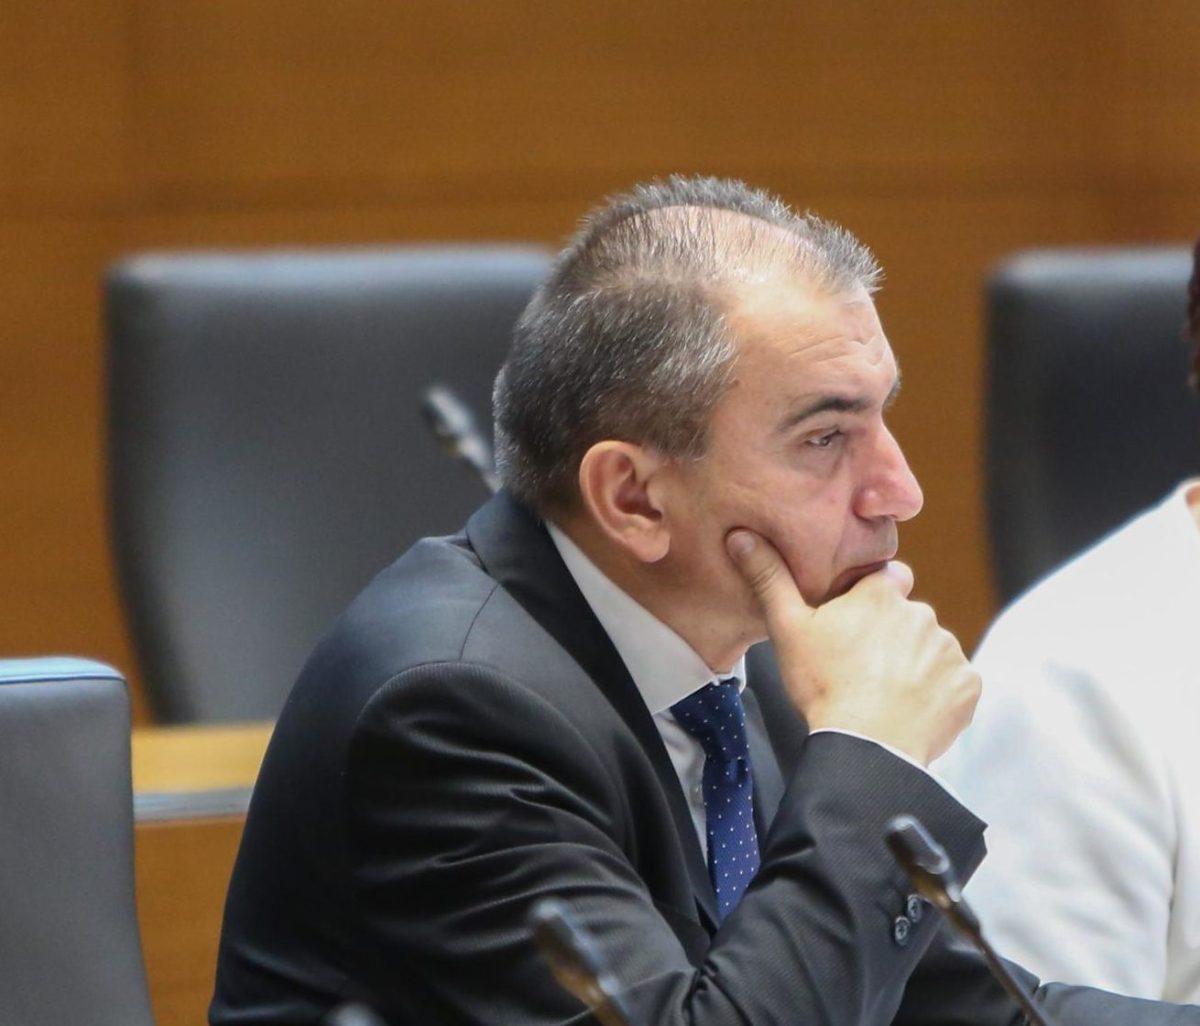 DZ spreminja ustavo zaradi Hrvaške, Pahor pa noče Vebra